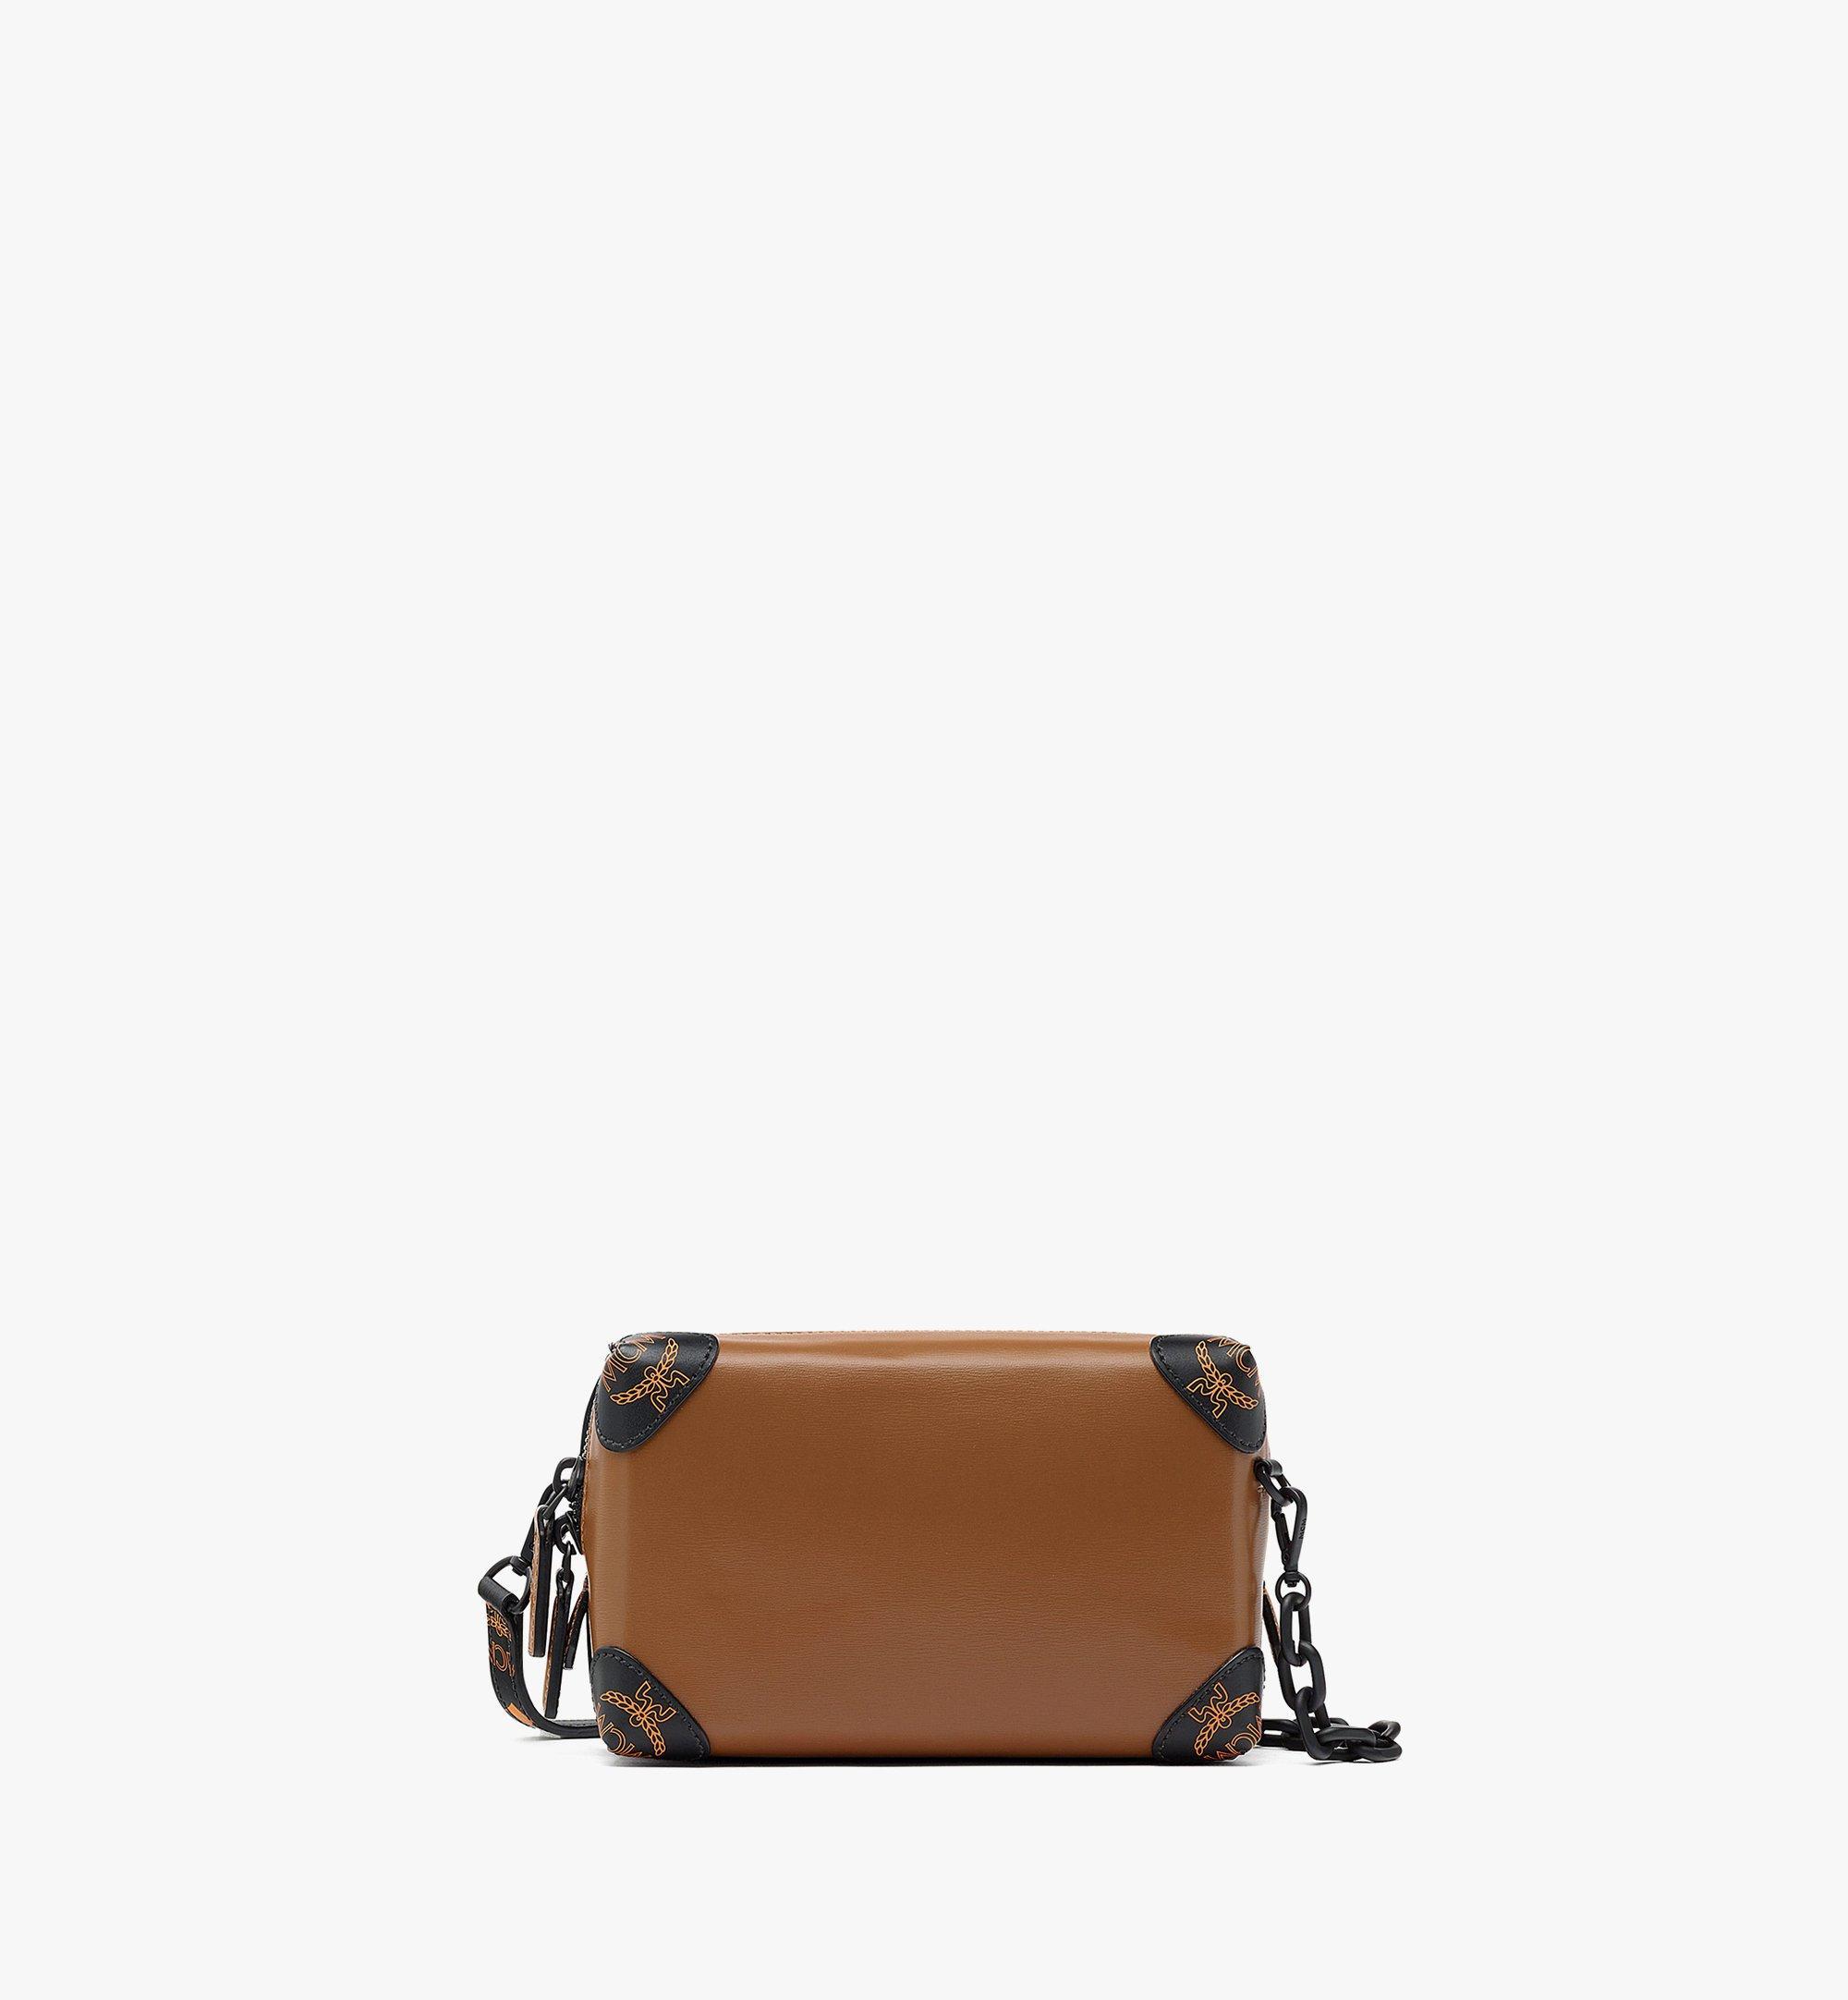 MCM SoftBerlin Crossbody-Tasche aus spanischem Leder Brown MMRBABF01N7001 Noch mehr sehen 1